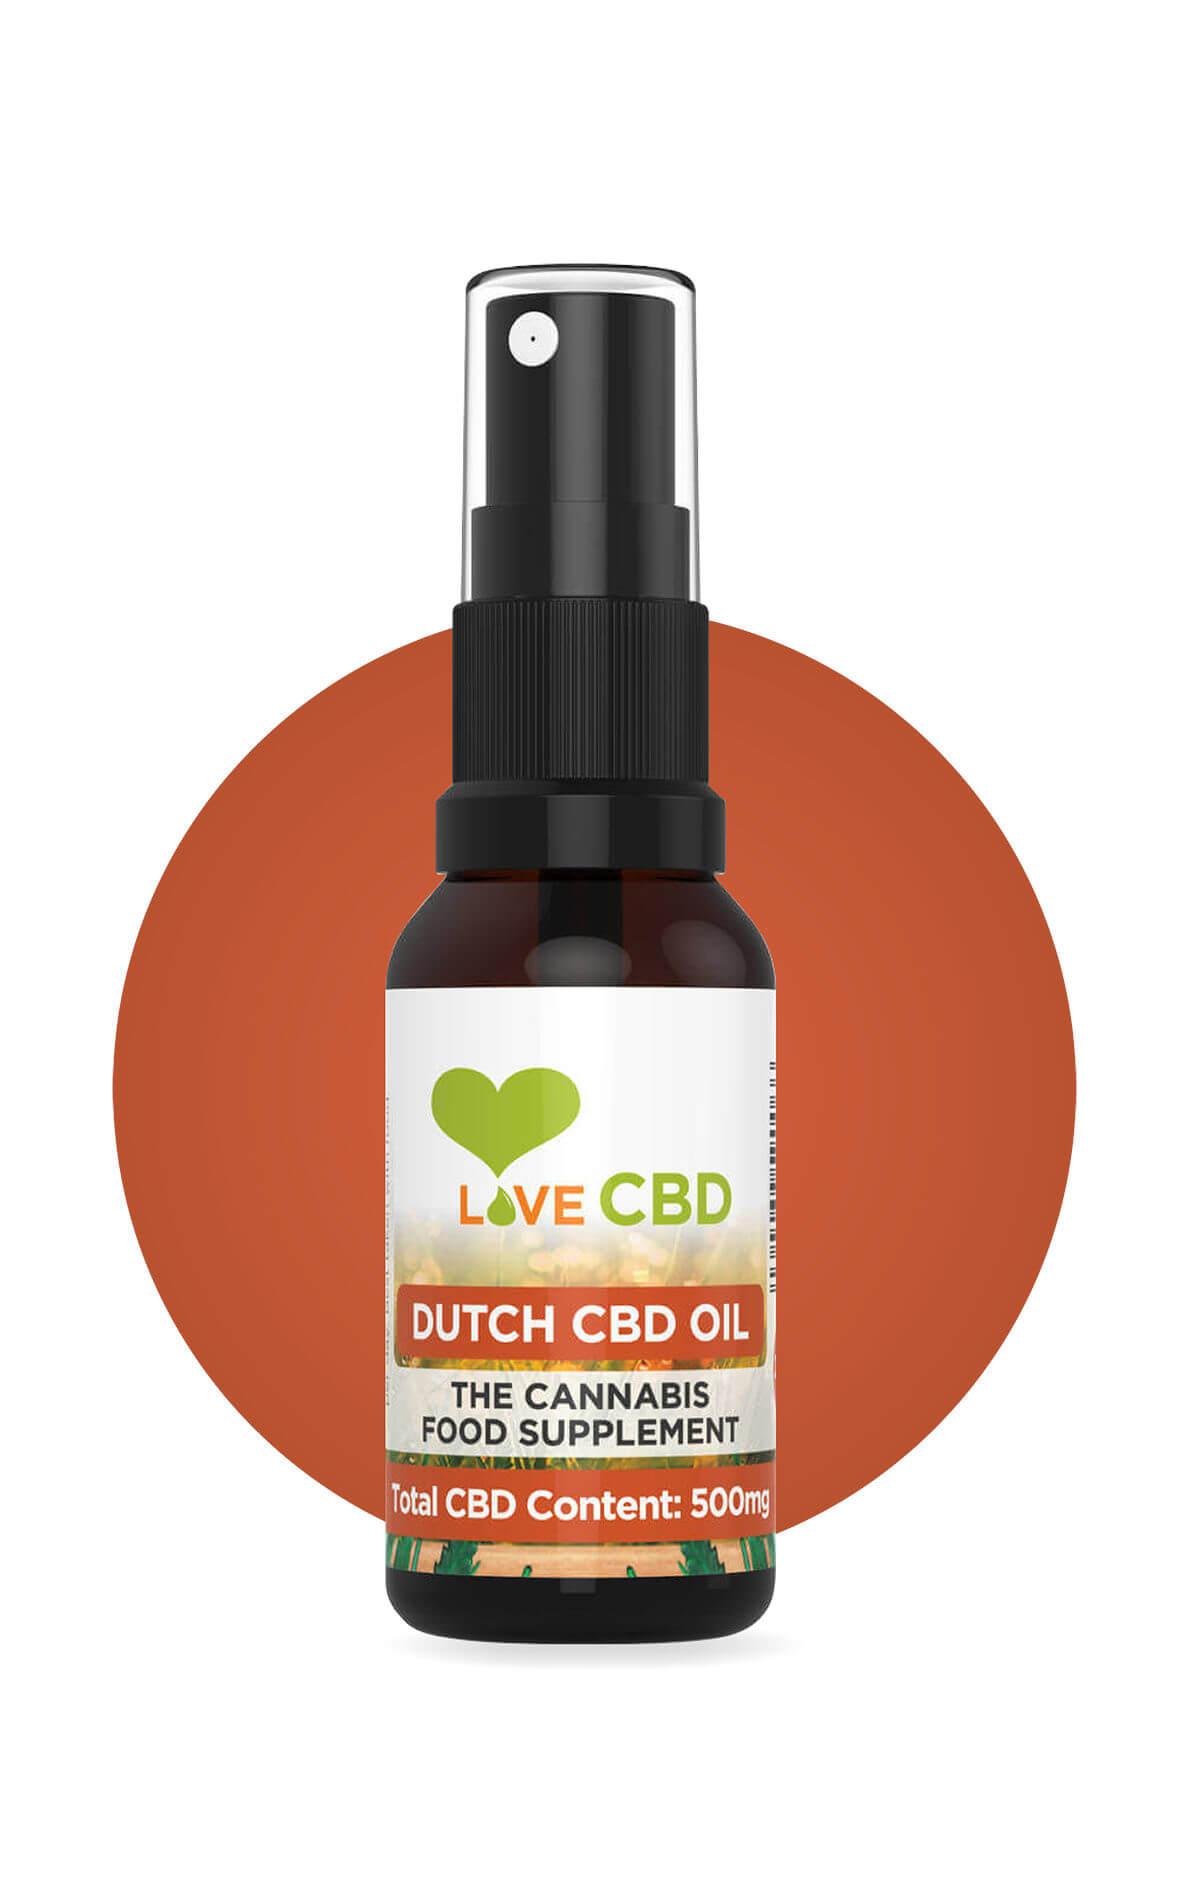 Dutch CBD Oil Spray